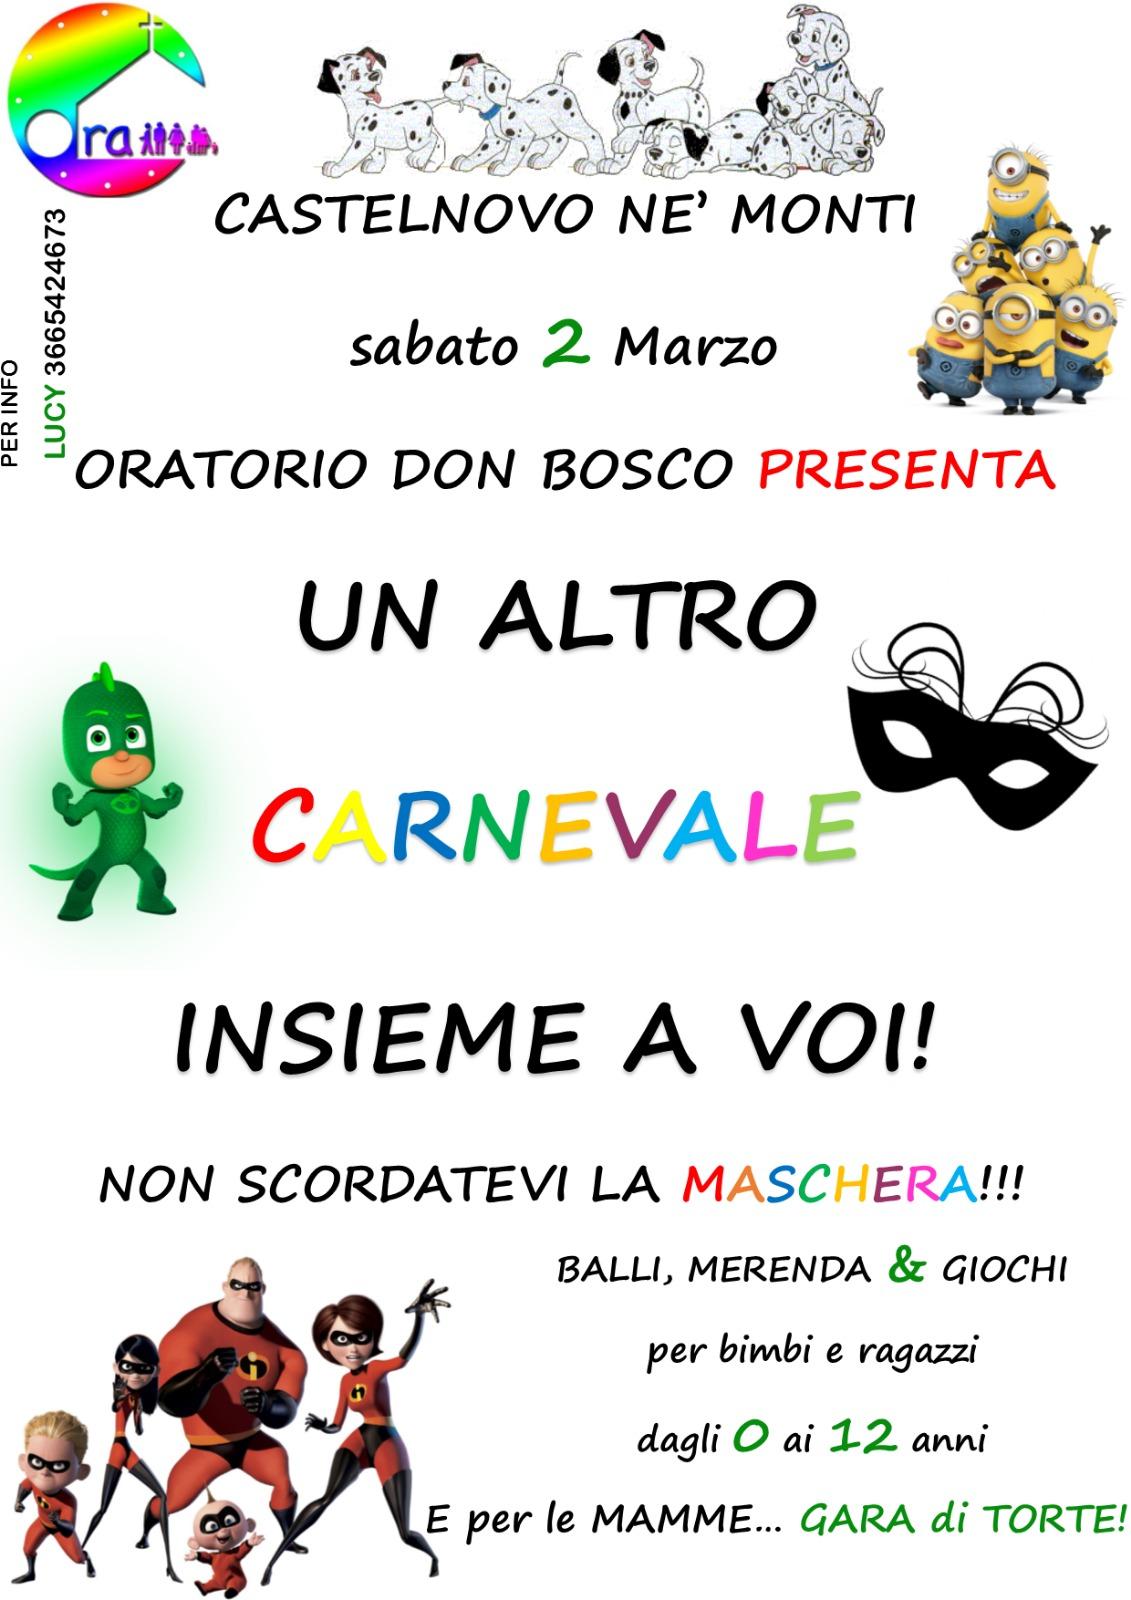 FESTA DI CARNEVALE 2019